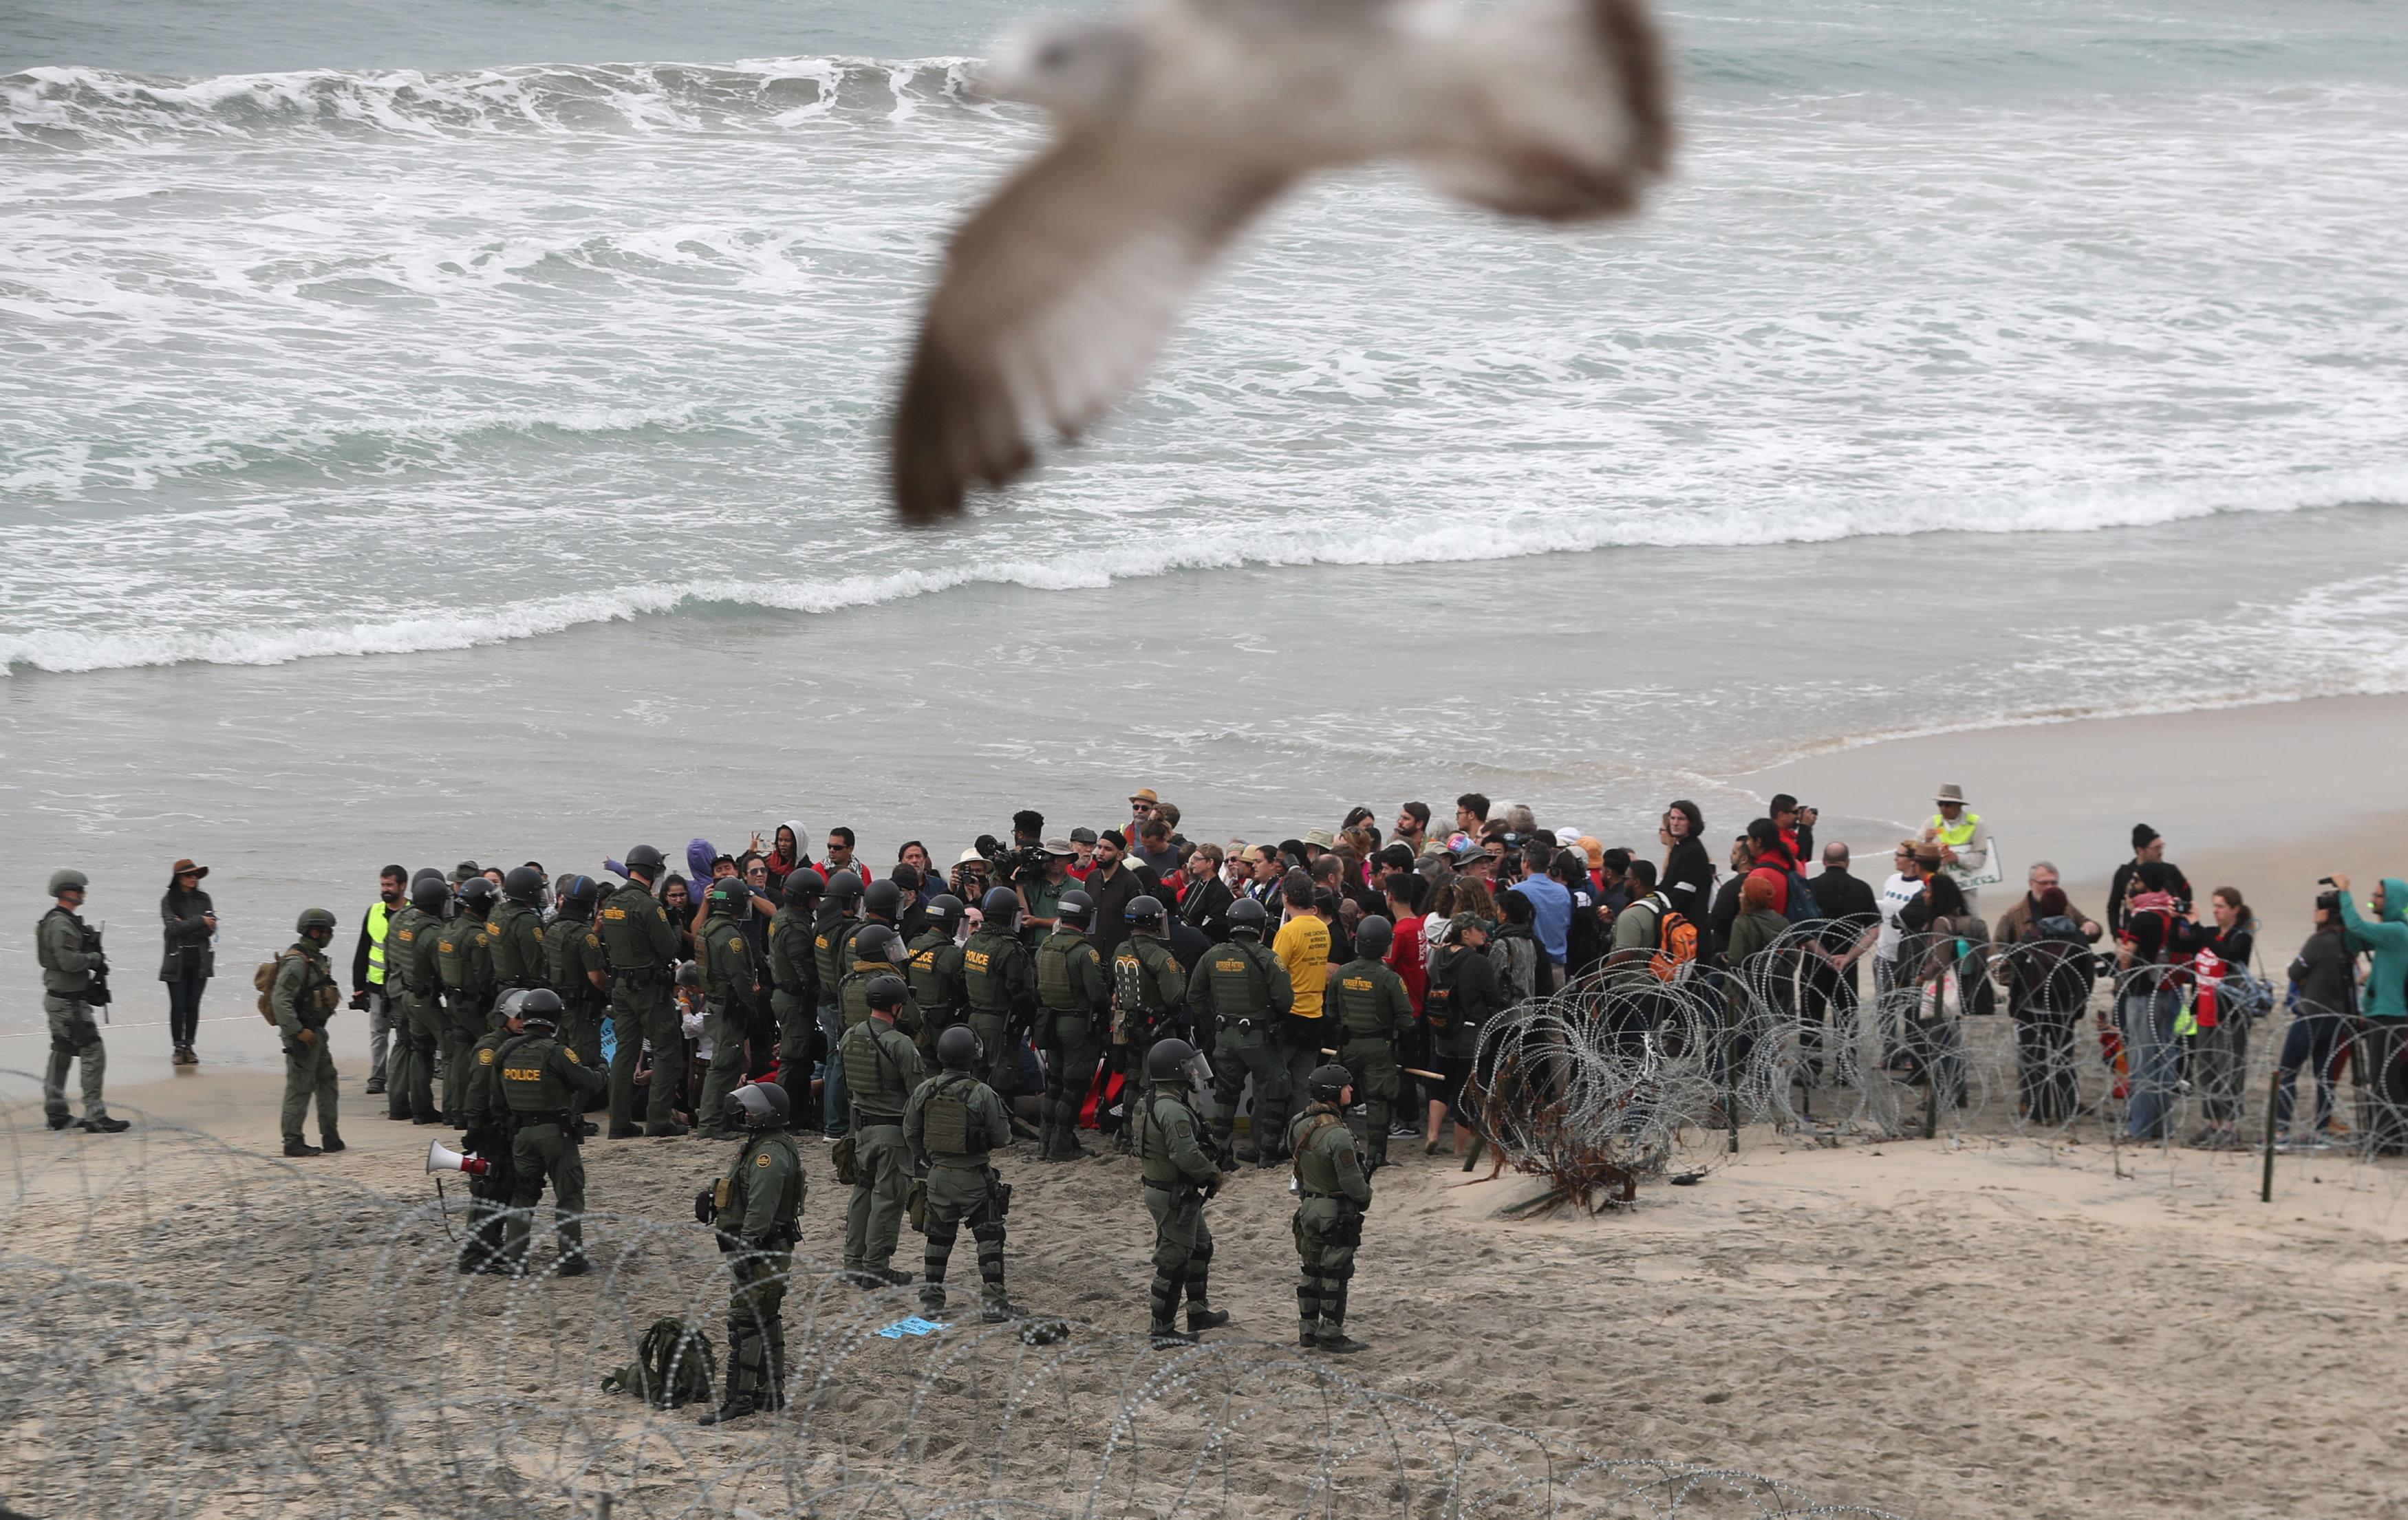 اعتقال مهاجرين على الجانب الأمريكى من الحدود مع المكسيك  (6)